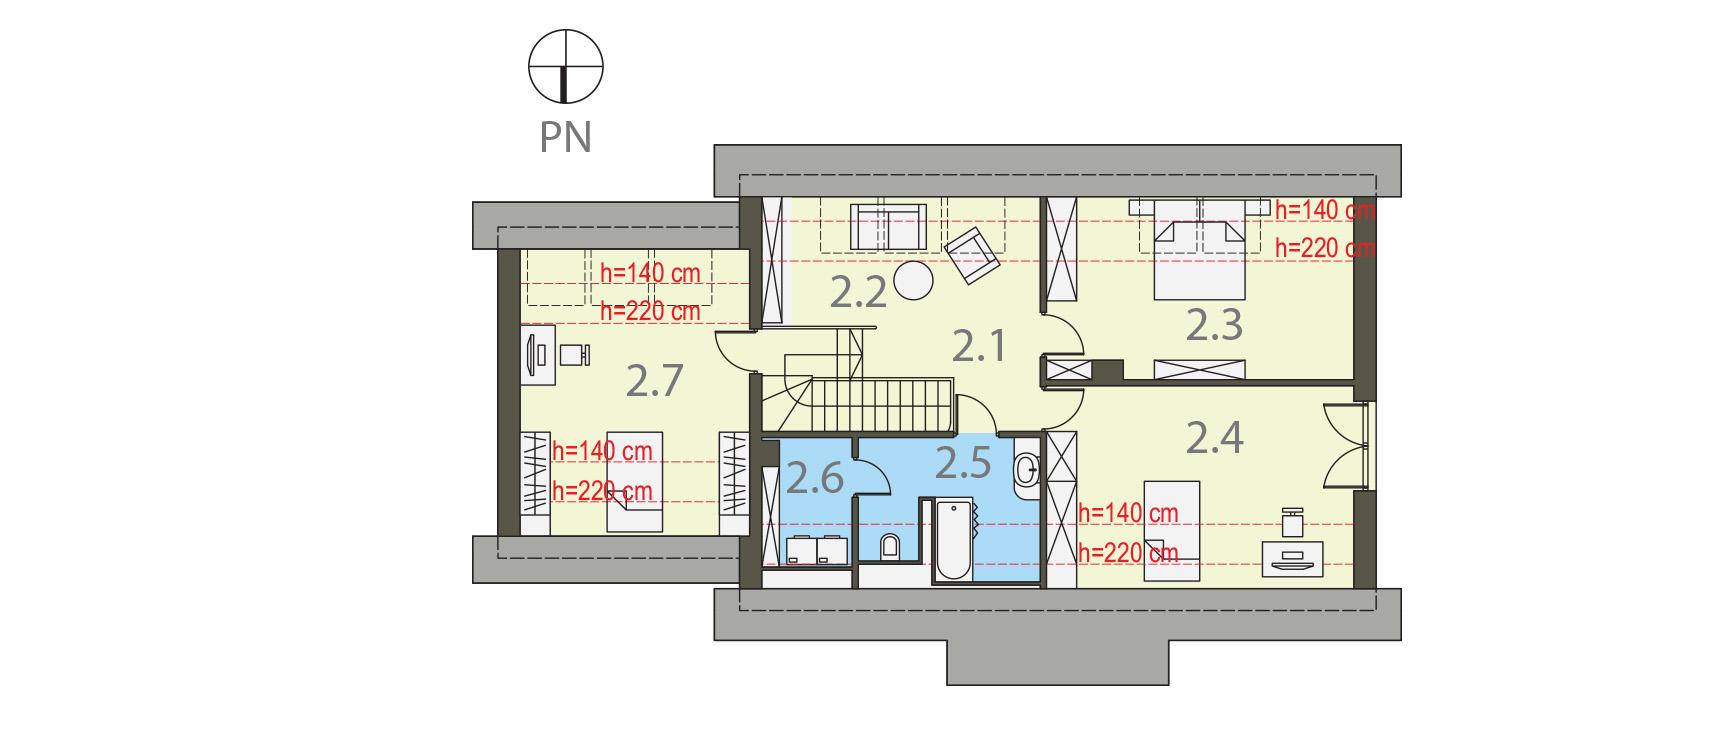 Projekt domu TRADYCYJNY Domy Czystej Energii rzut piętra